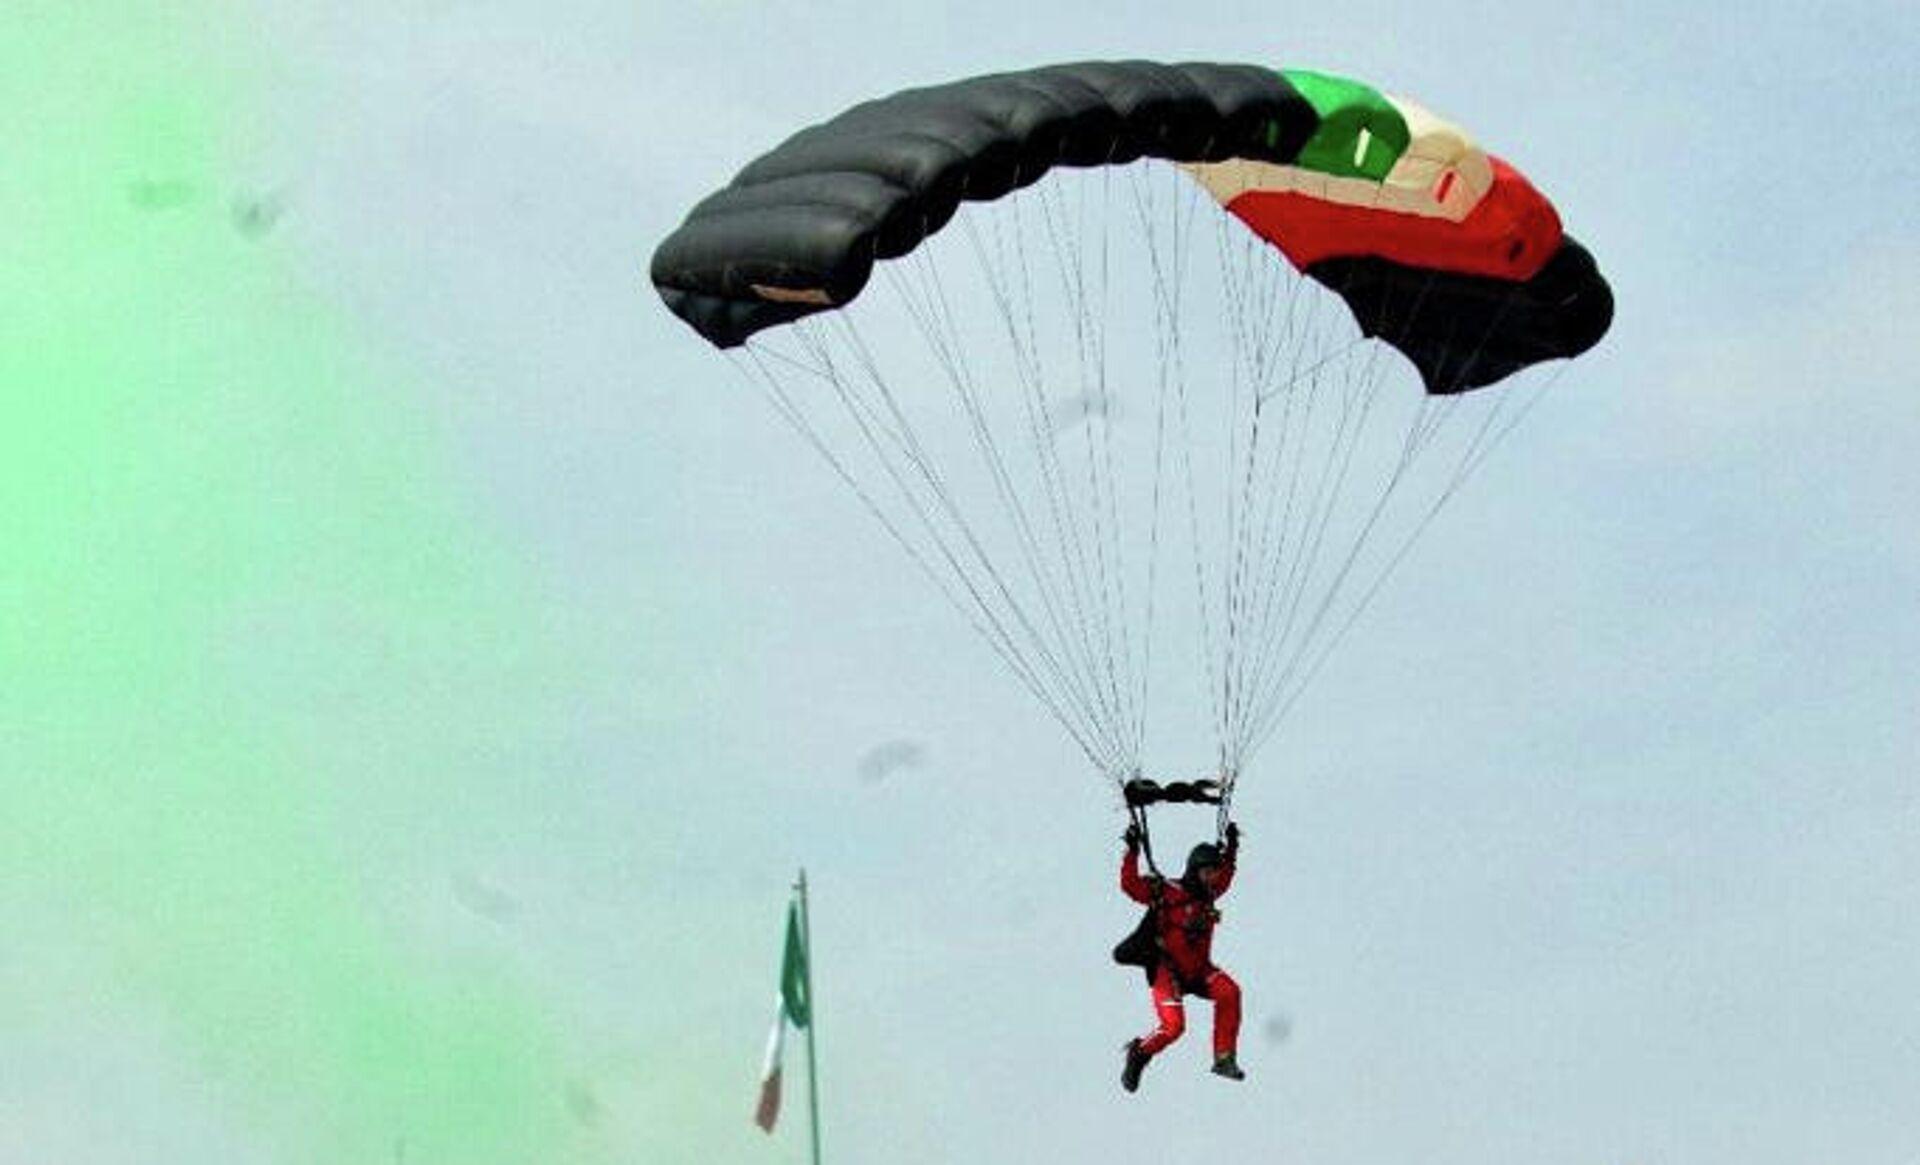 Militares realizaron un salto en paracaídas de más de 6.000 pies de altura  - Sputnik Mundo, 1920, 16.09.2021